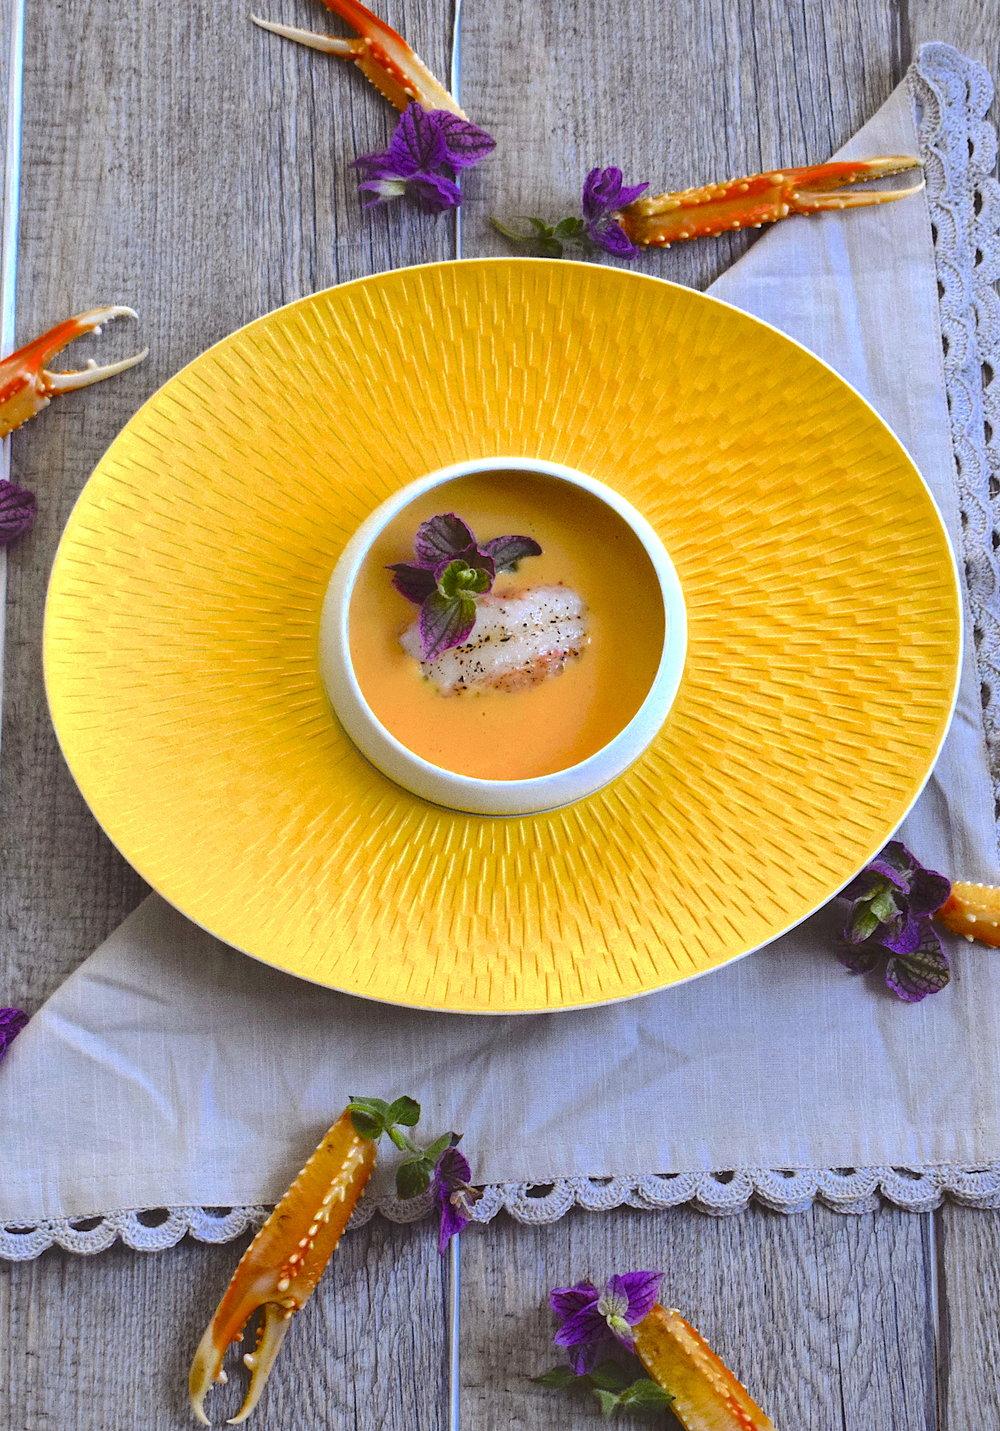 soupe asiatique Cyril Rouquet-prévost